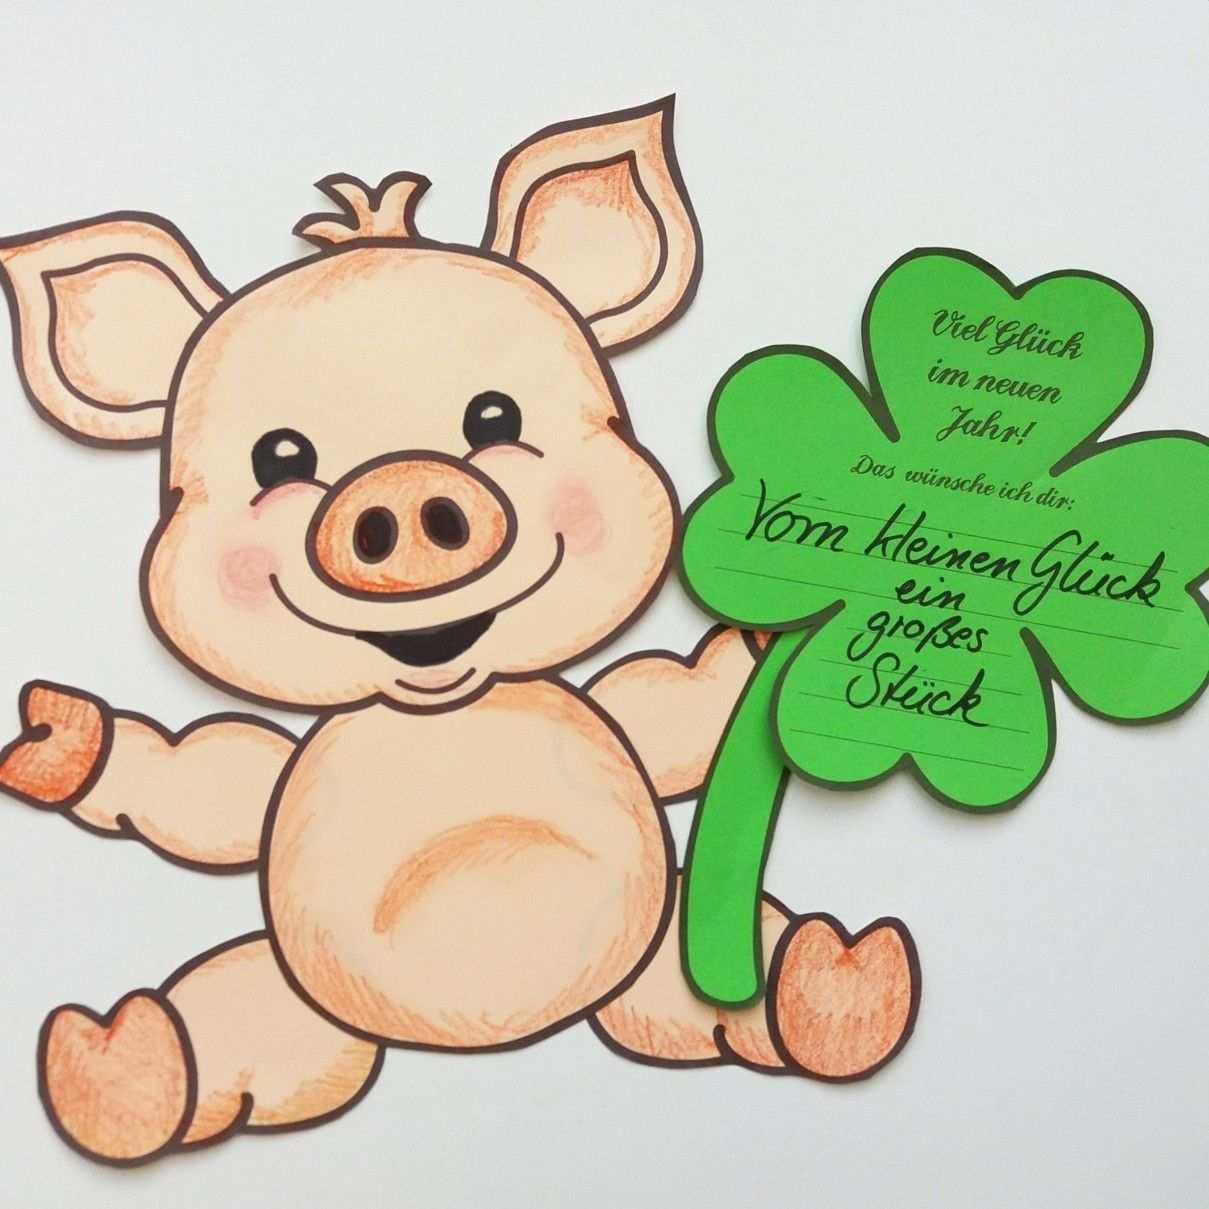 Classroom Printables Schweinchen Bastelvorlage Neujahrswunsche Gluck Kleeblatt Unterrichtsmaterial In Den Fachern Fachubergreifendes Kita Kunst Neujahr Schwein Malen Neujahrswunsche